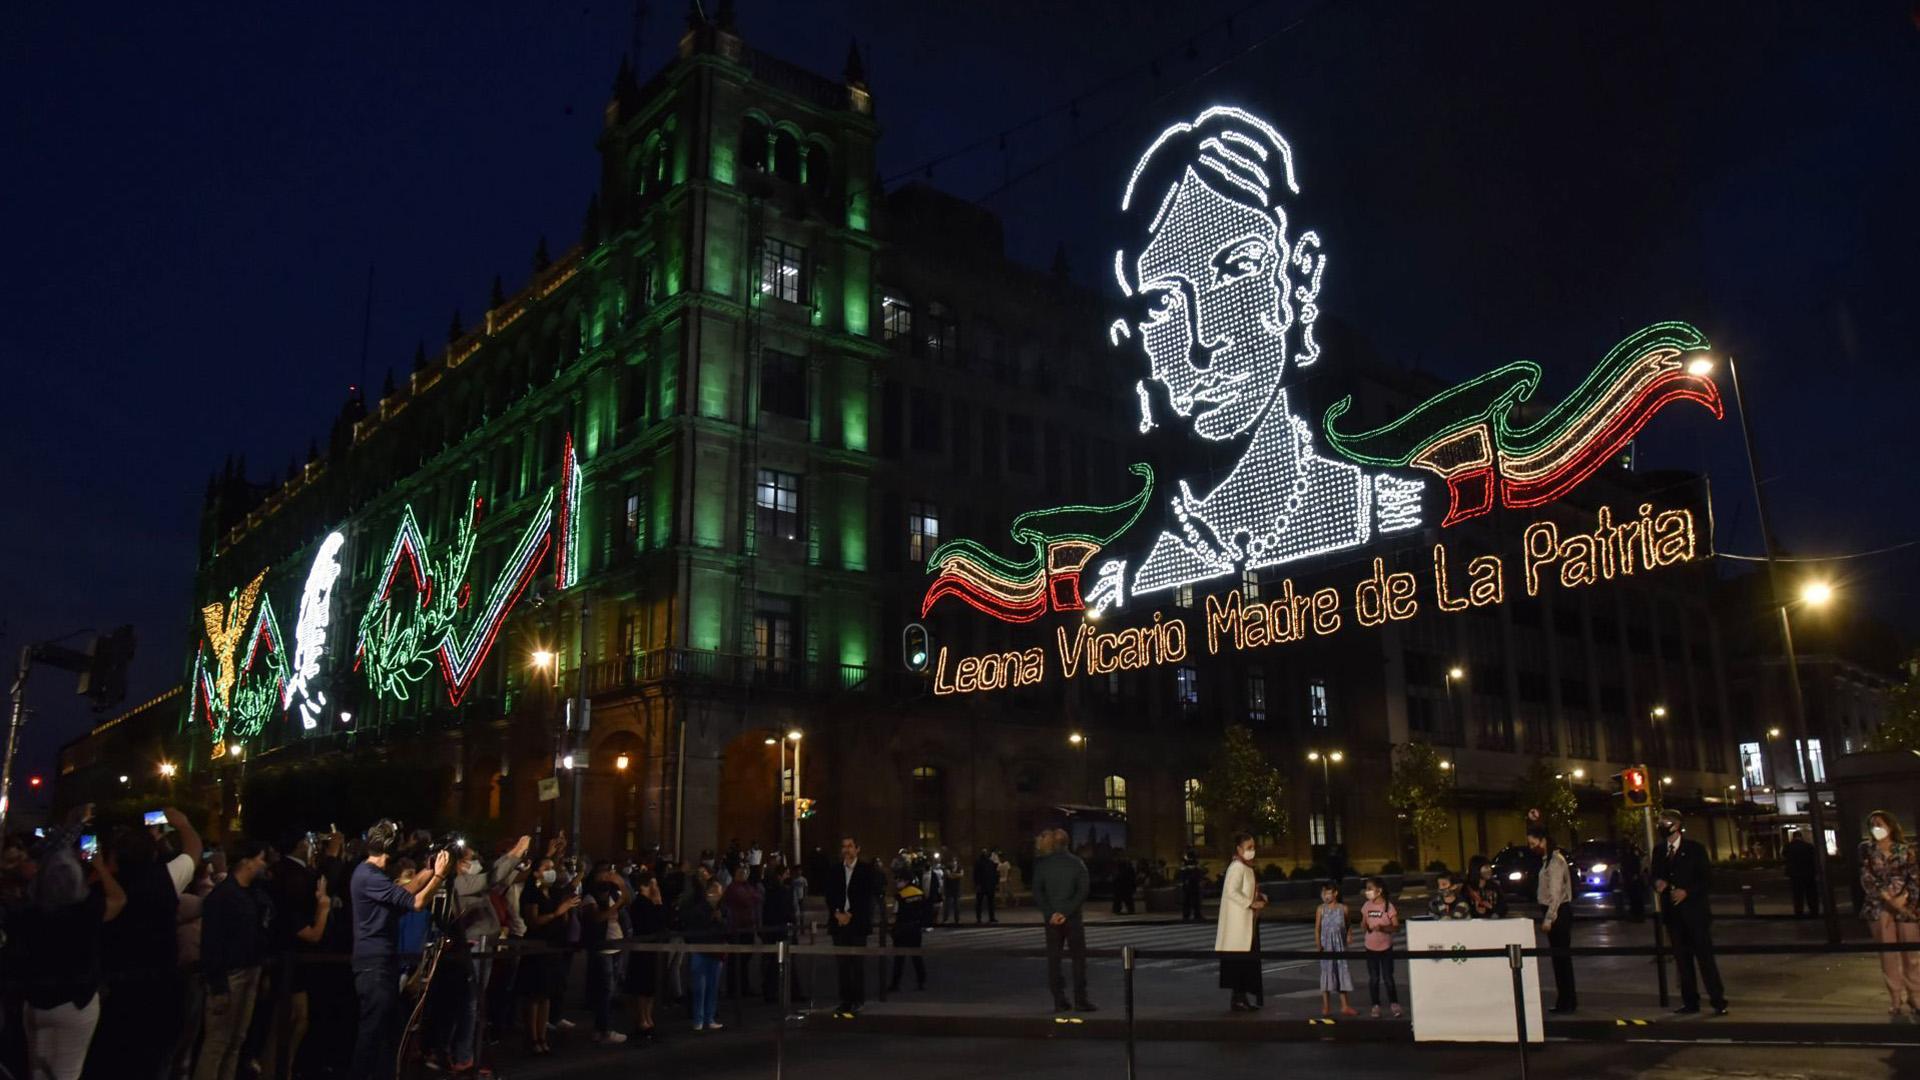 Con esta decoración se le esta rindiendo tributo a Leona Vicario, Madre de la Patria (Foto: Cuartoscuro)